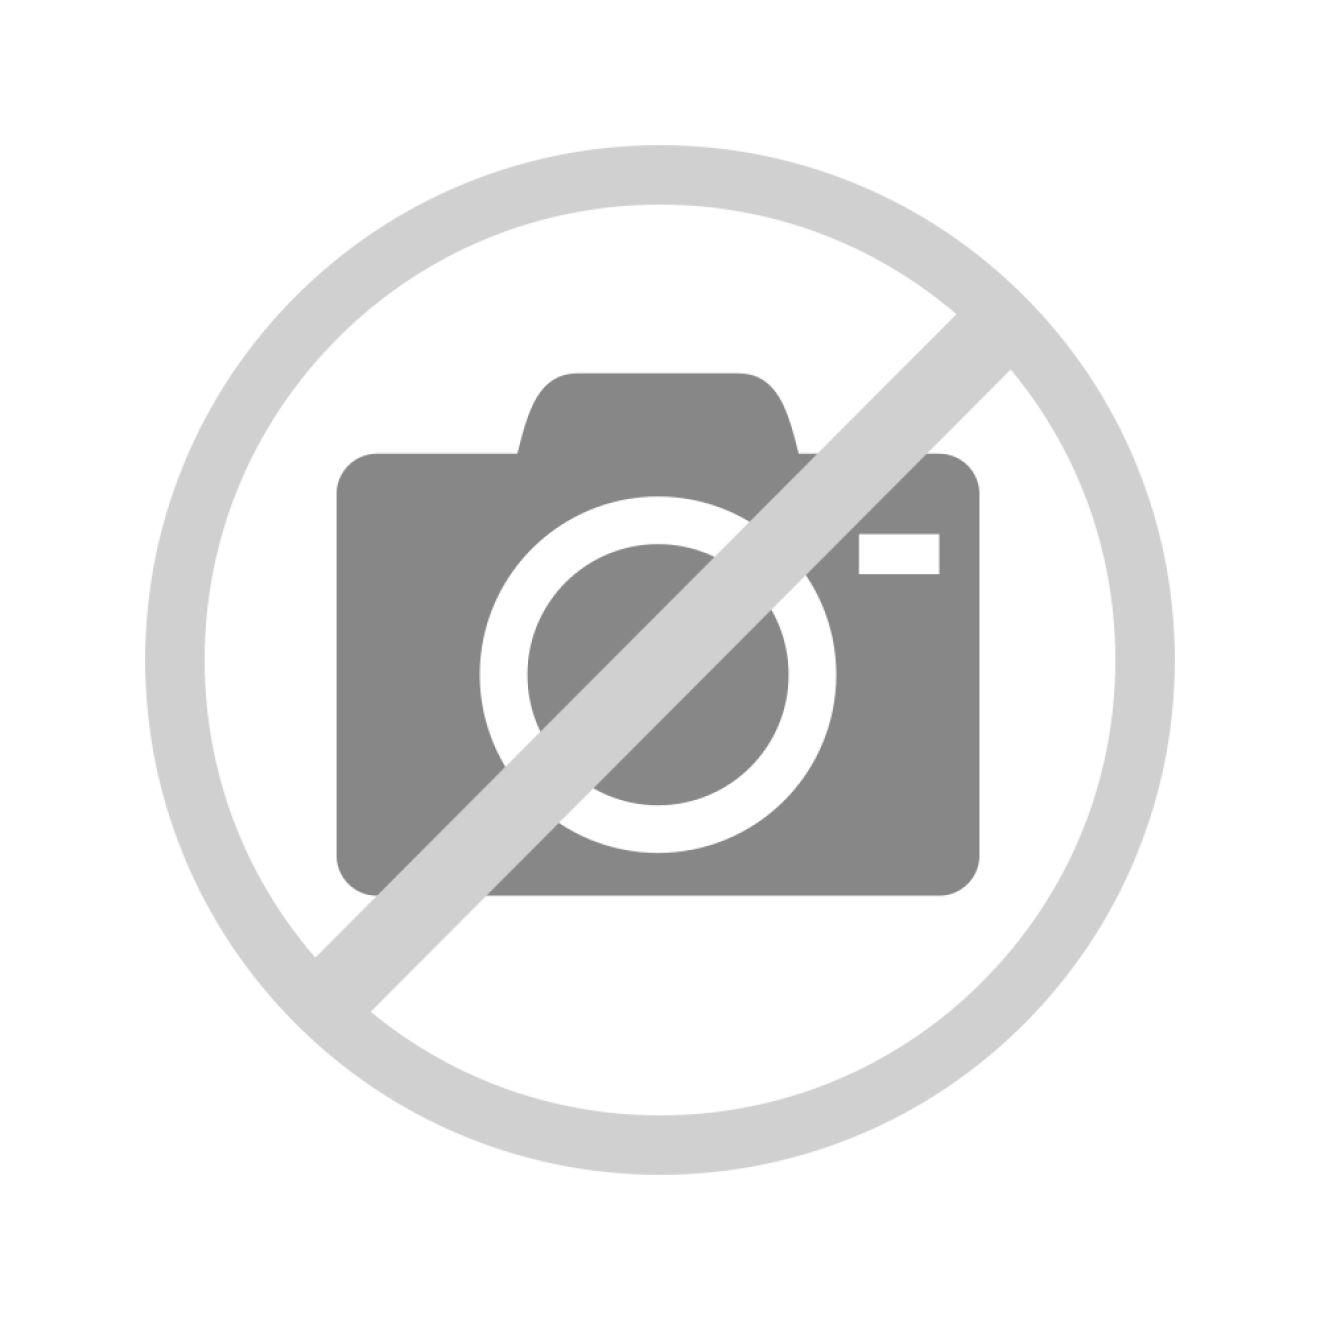 KjBRAND Quer Stretch Schlupf Jeans SUSIE XS (schmaler Oberschenkel & bequeme Leibhöhe) Damenjeans mit Schlupfbund & Gürtelschlaufe, XXL Größe 38 58,